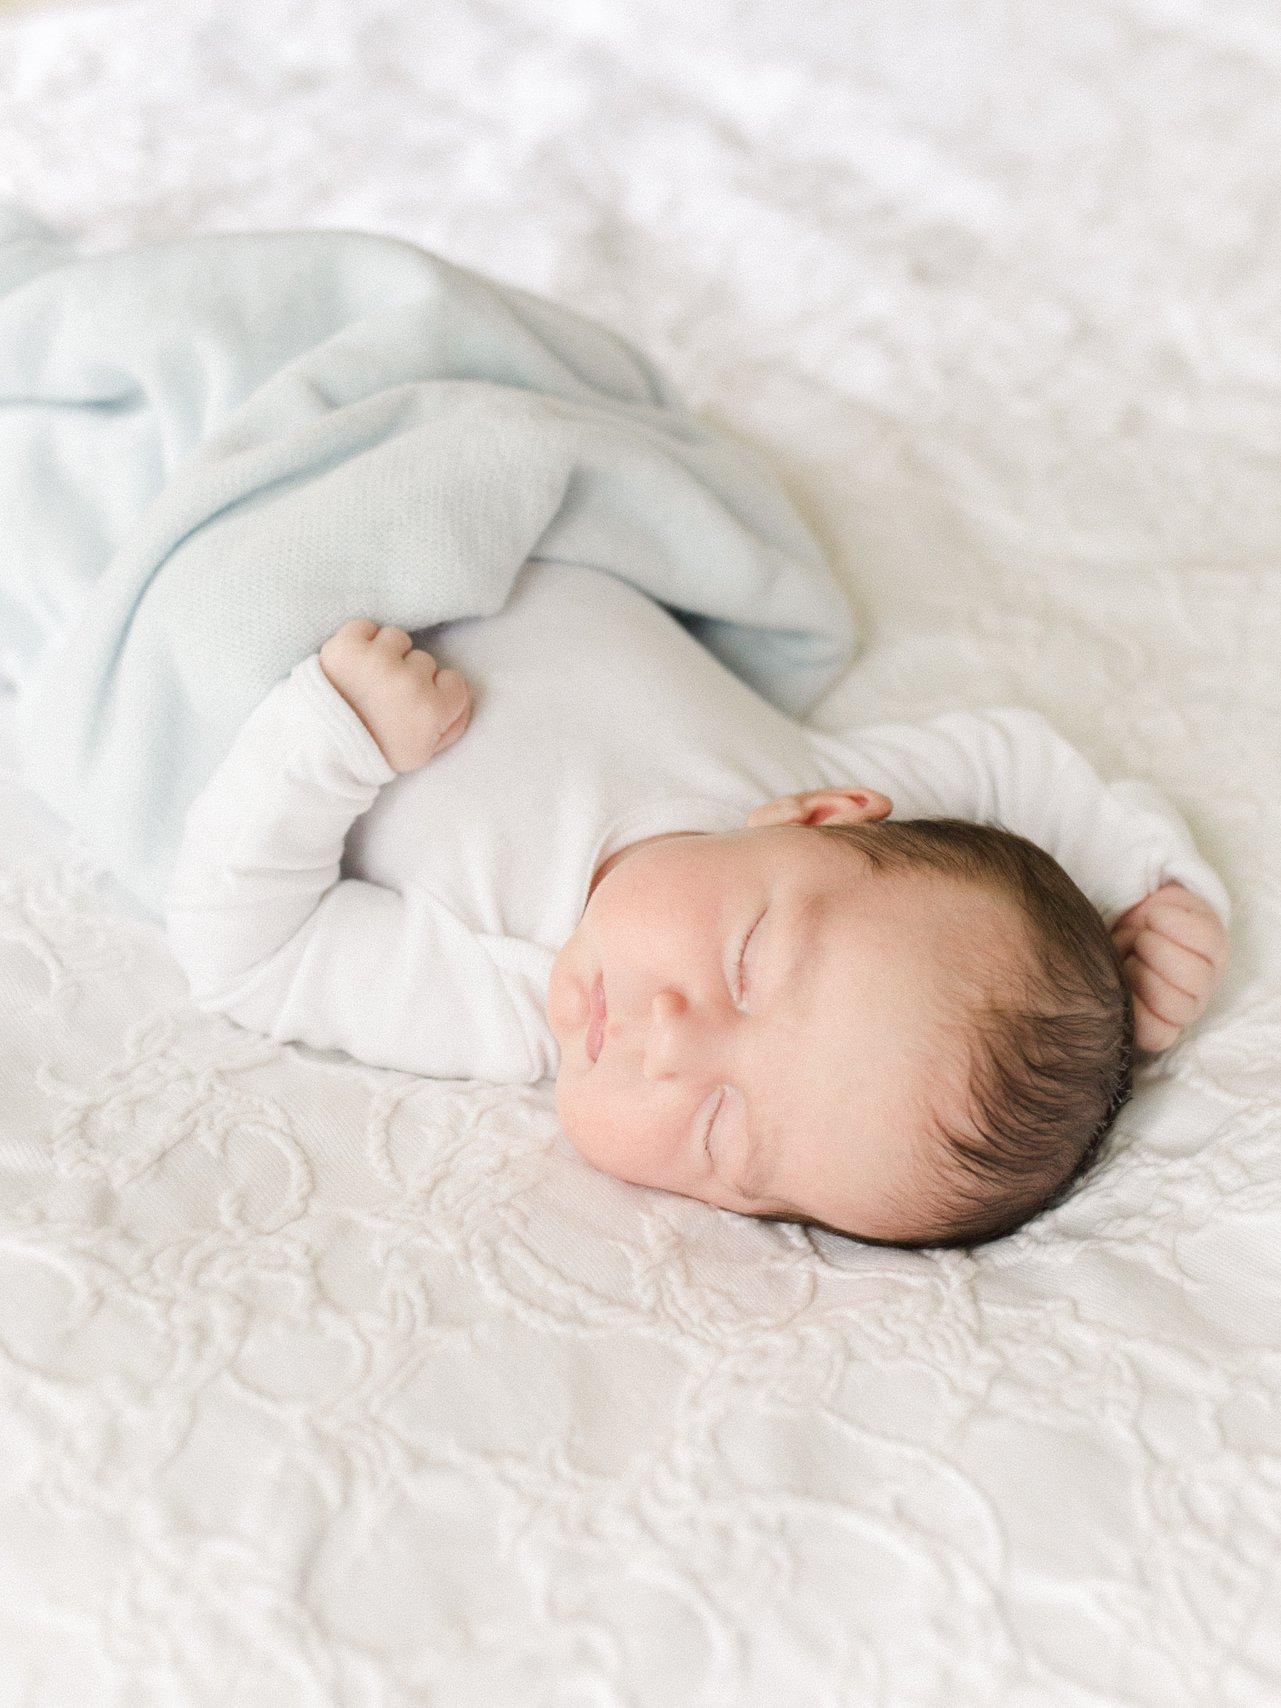 Home Newborn Session in Savannah GA